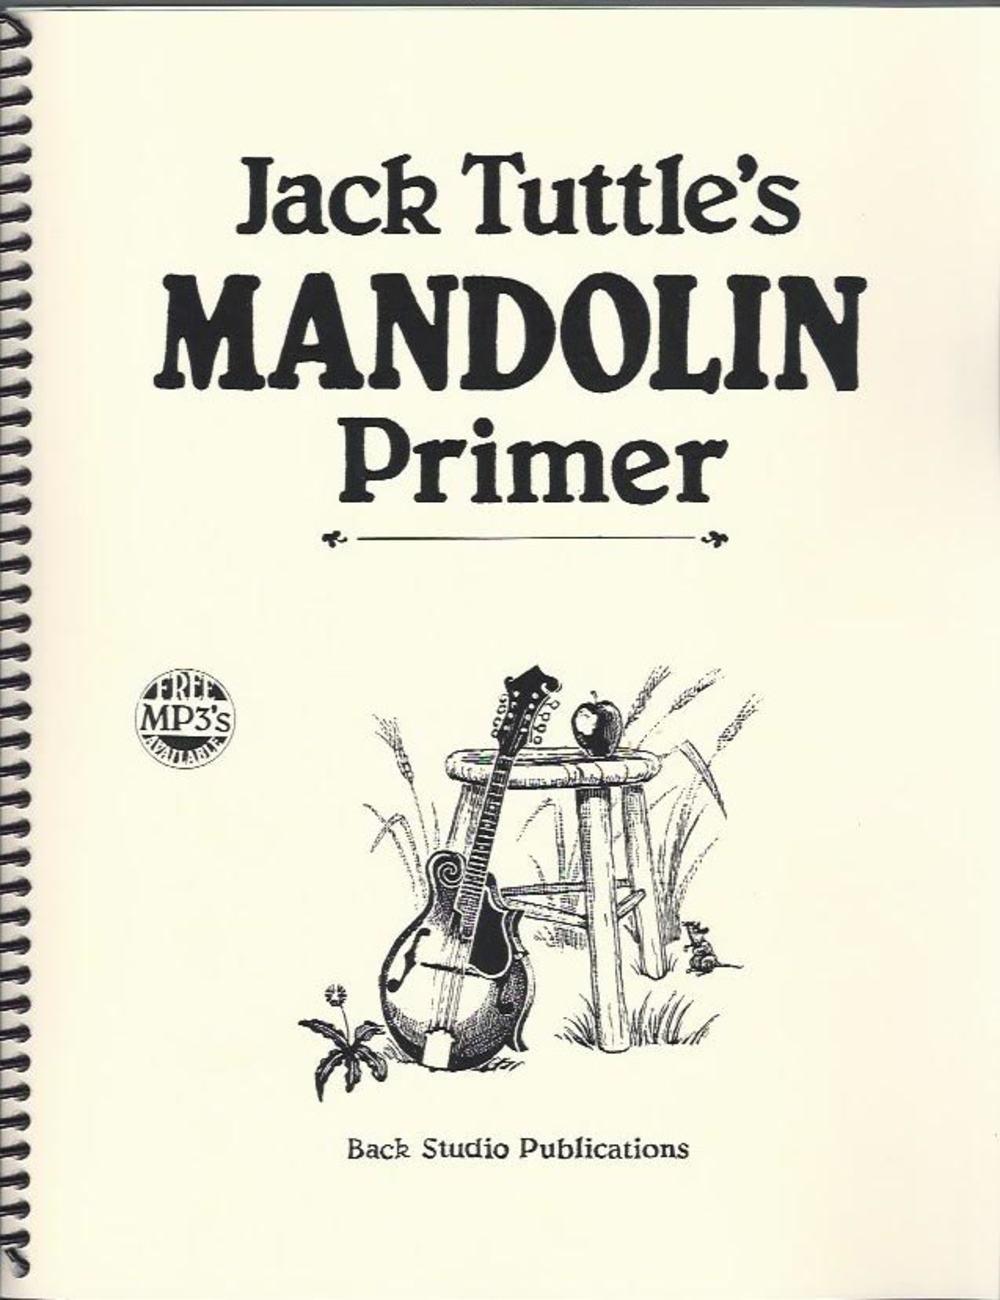 Jack Tuttle's Mandolin Primer